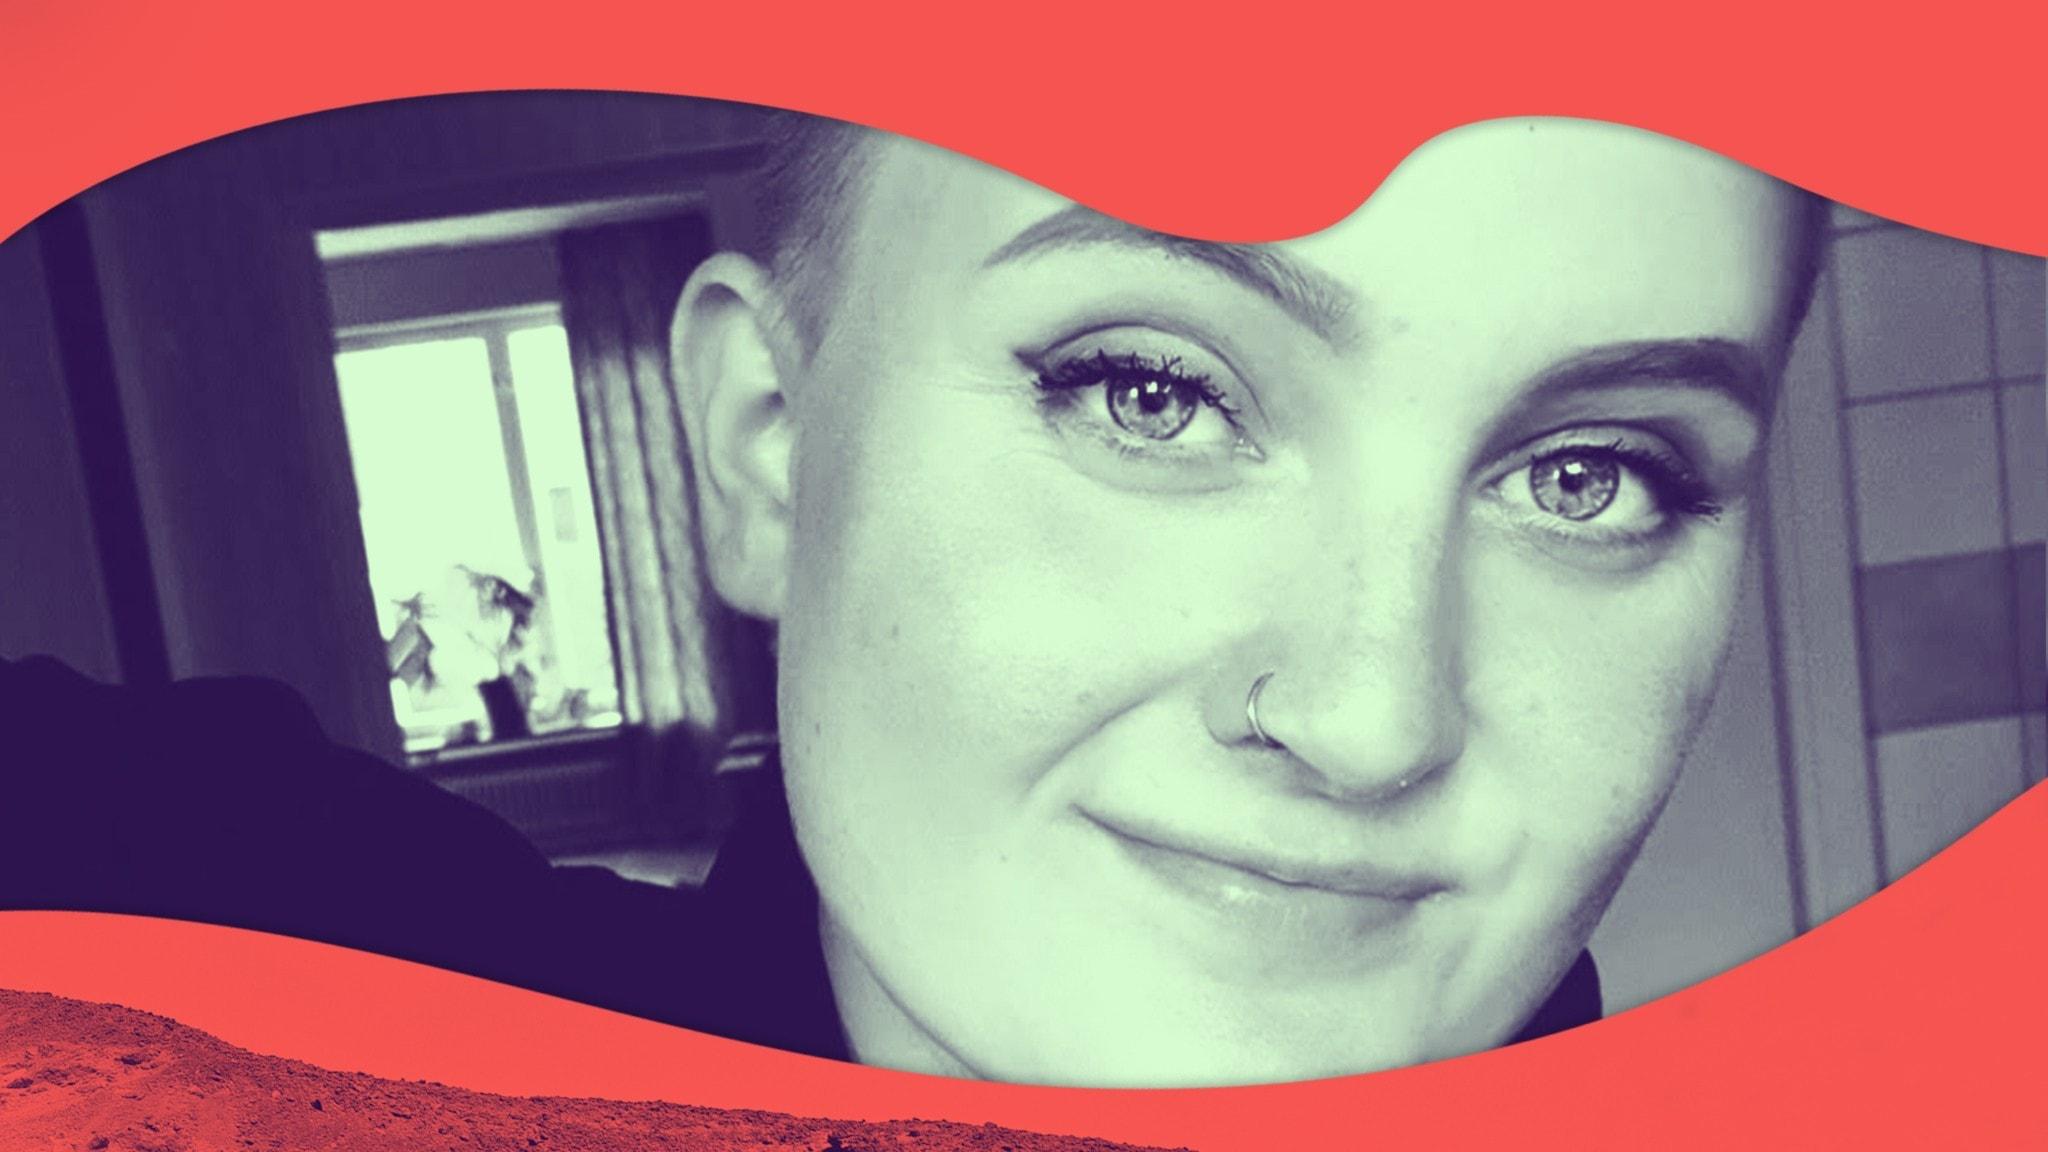 Johanna i rakat hår. Bild tagen framifrån.